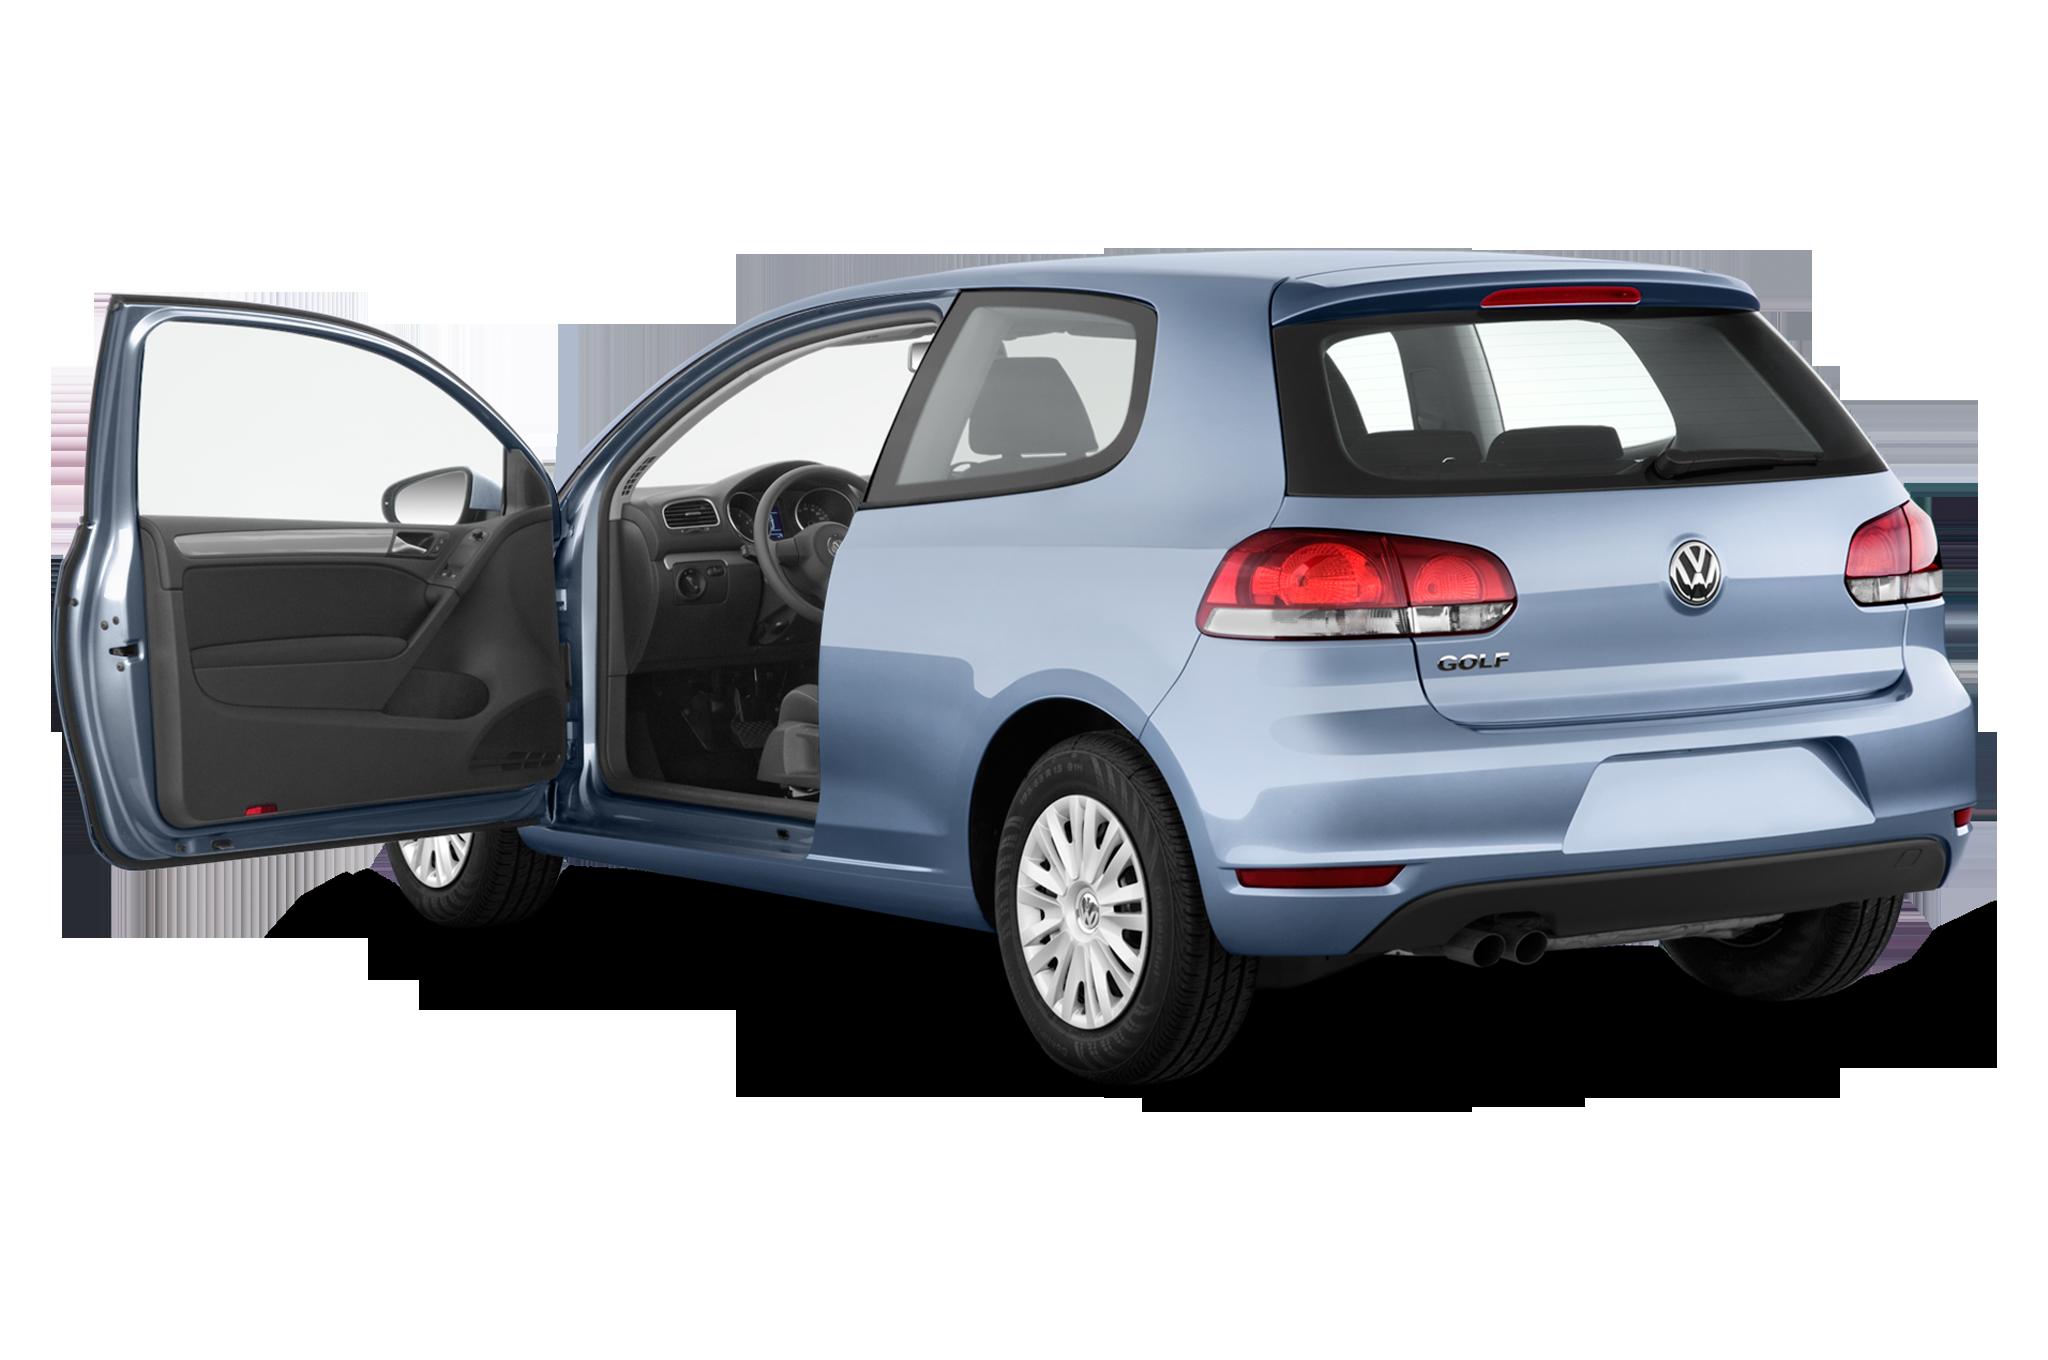 2011 Volkswagen Golf Tdi 2 Door Editors Notebook Automobile